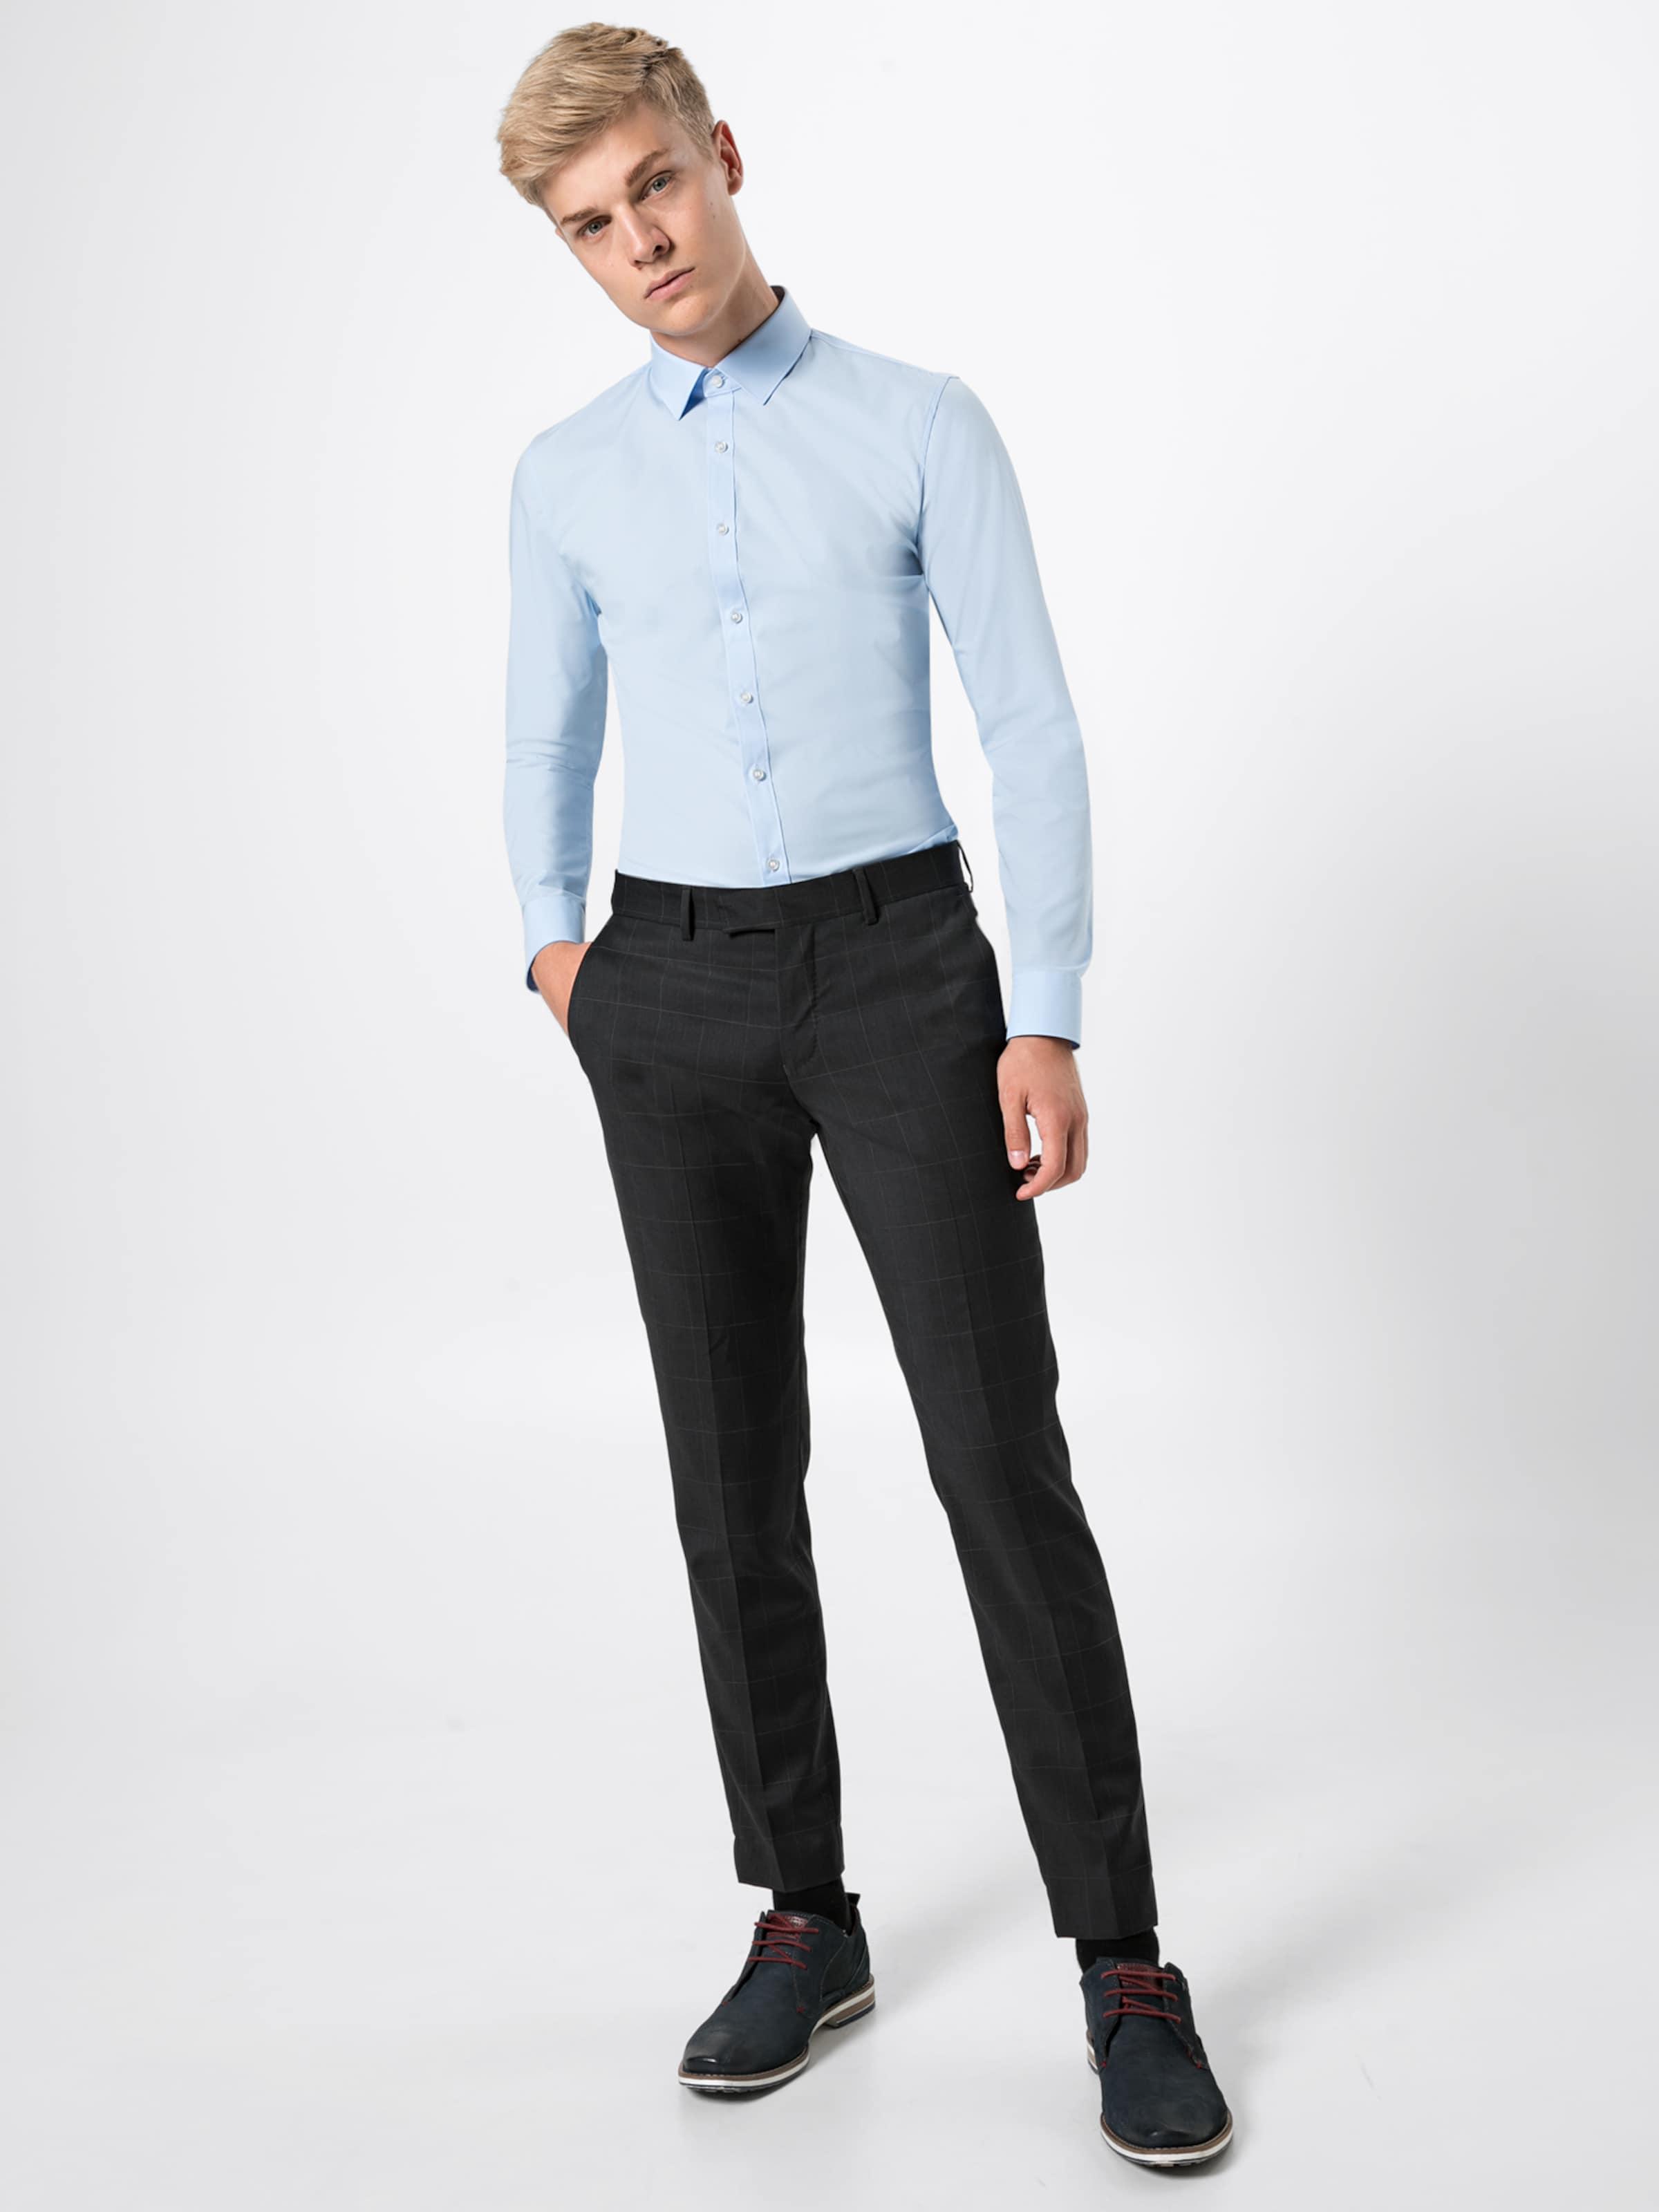 Olymp 'no6 In Uni Hemd Pop' Blau hsQdCtxr